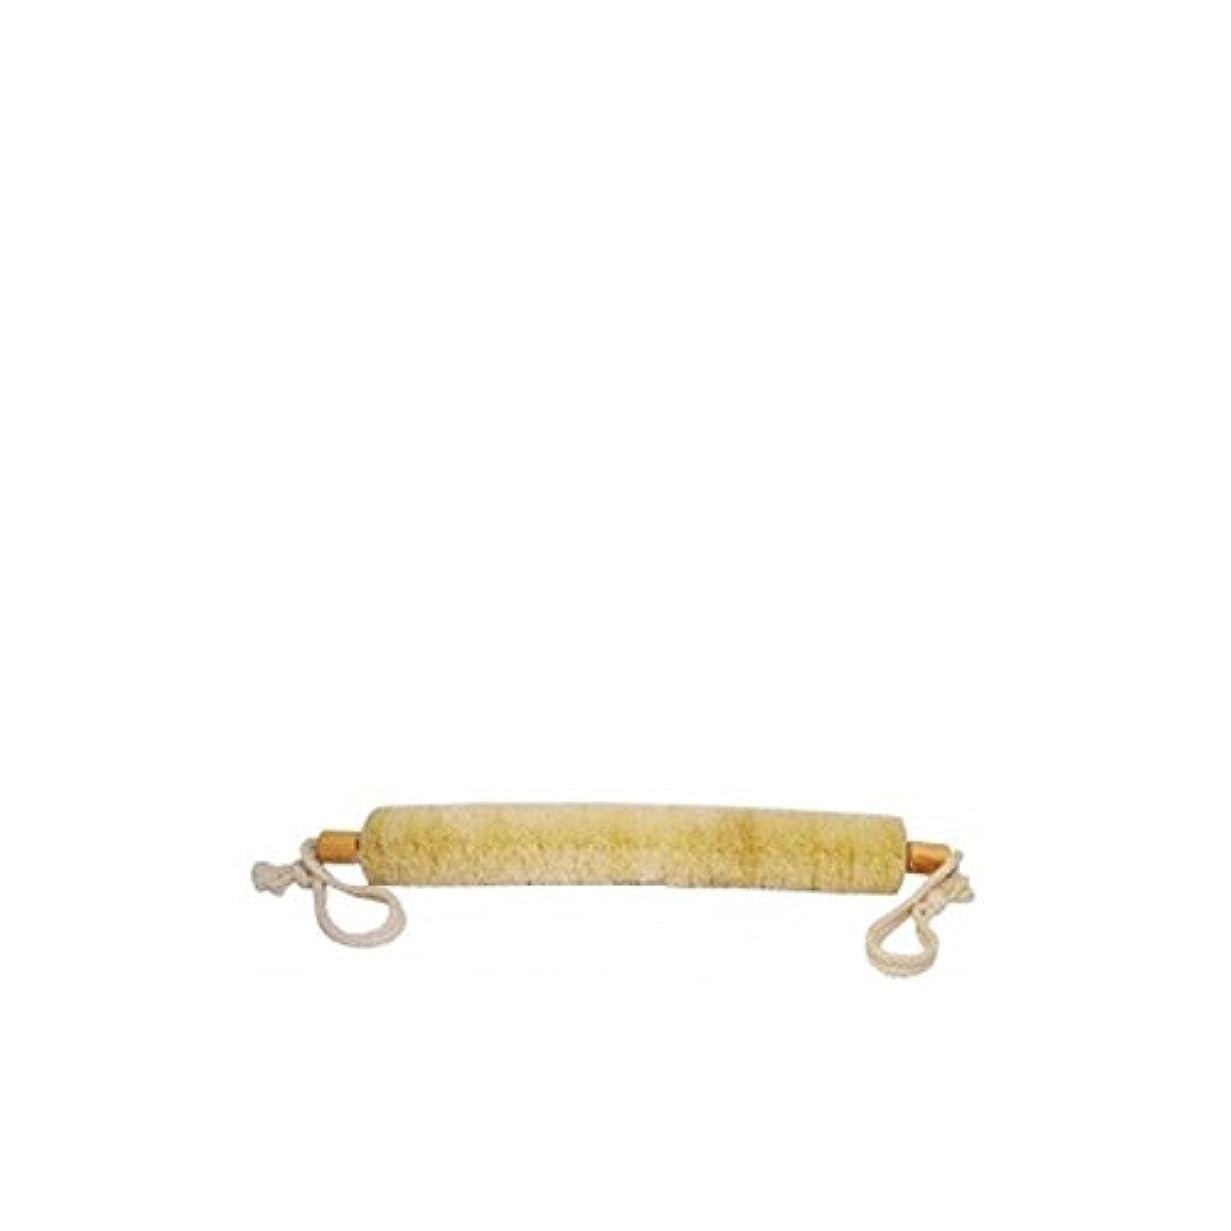 アブセイ持続的安心させるハイドレアロンドン - 和風サイザルバックストラップ x4 - Hydrea London - Japanese Style Sisal Back Strap (Pack of 4) [並行輸入品]